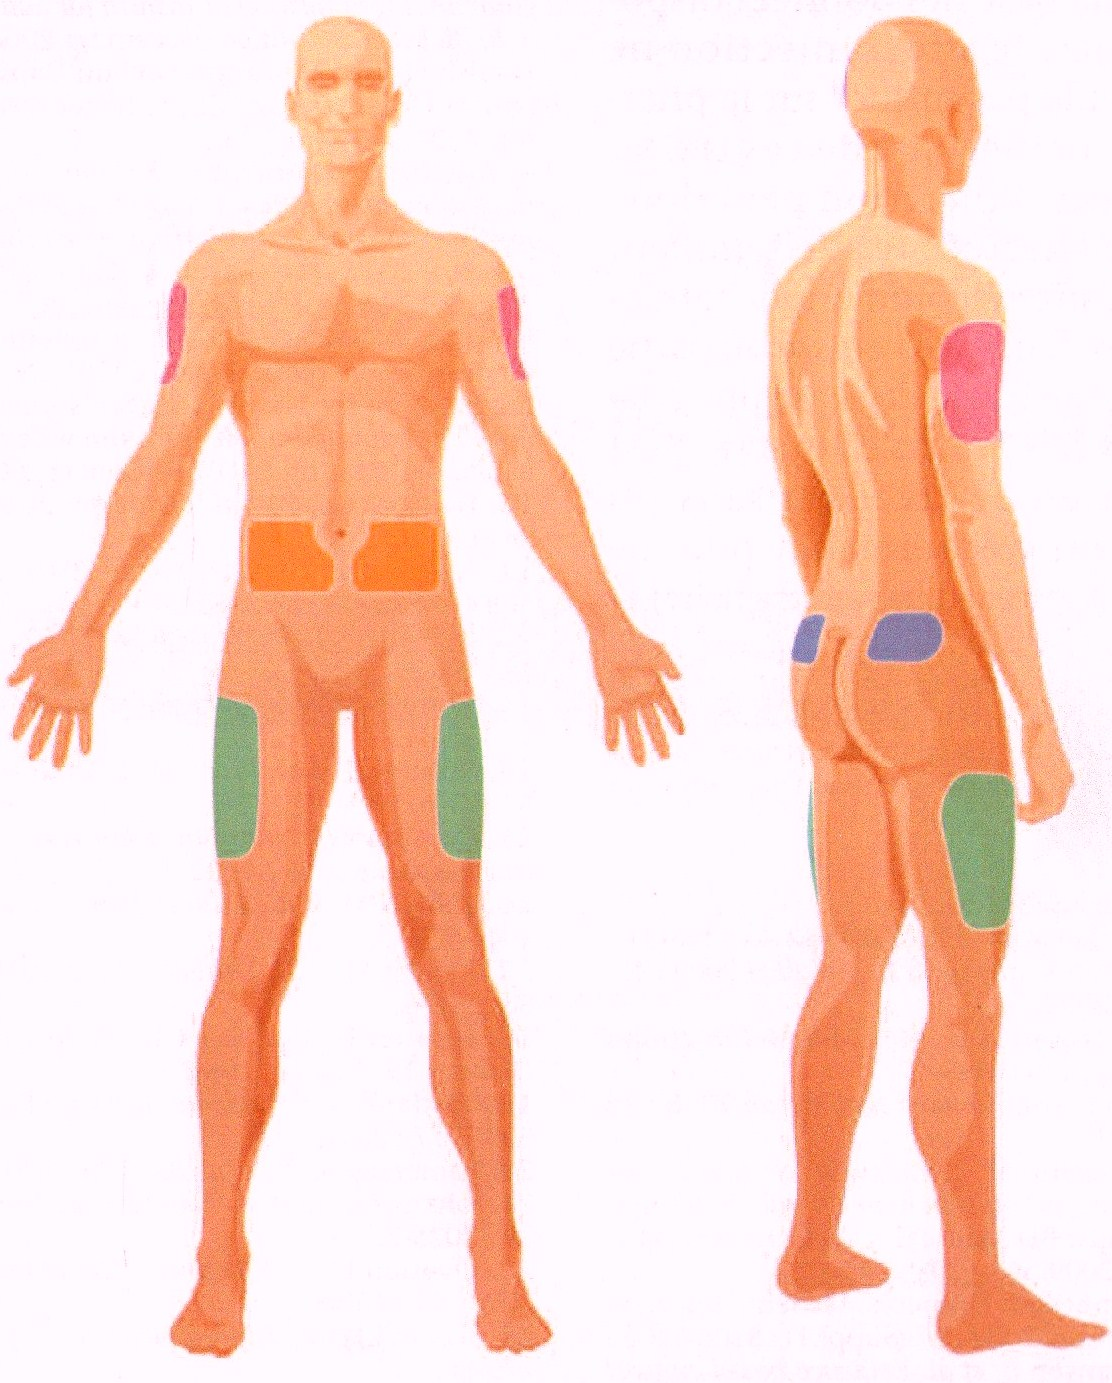 Места для инъекции при диабете